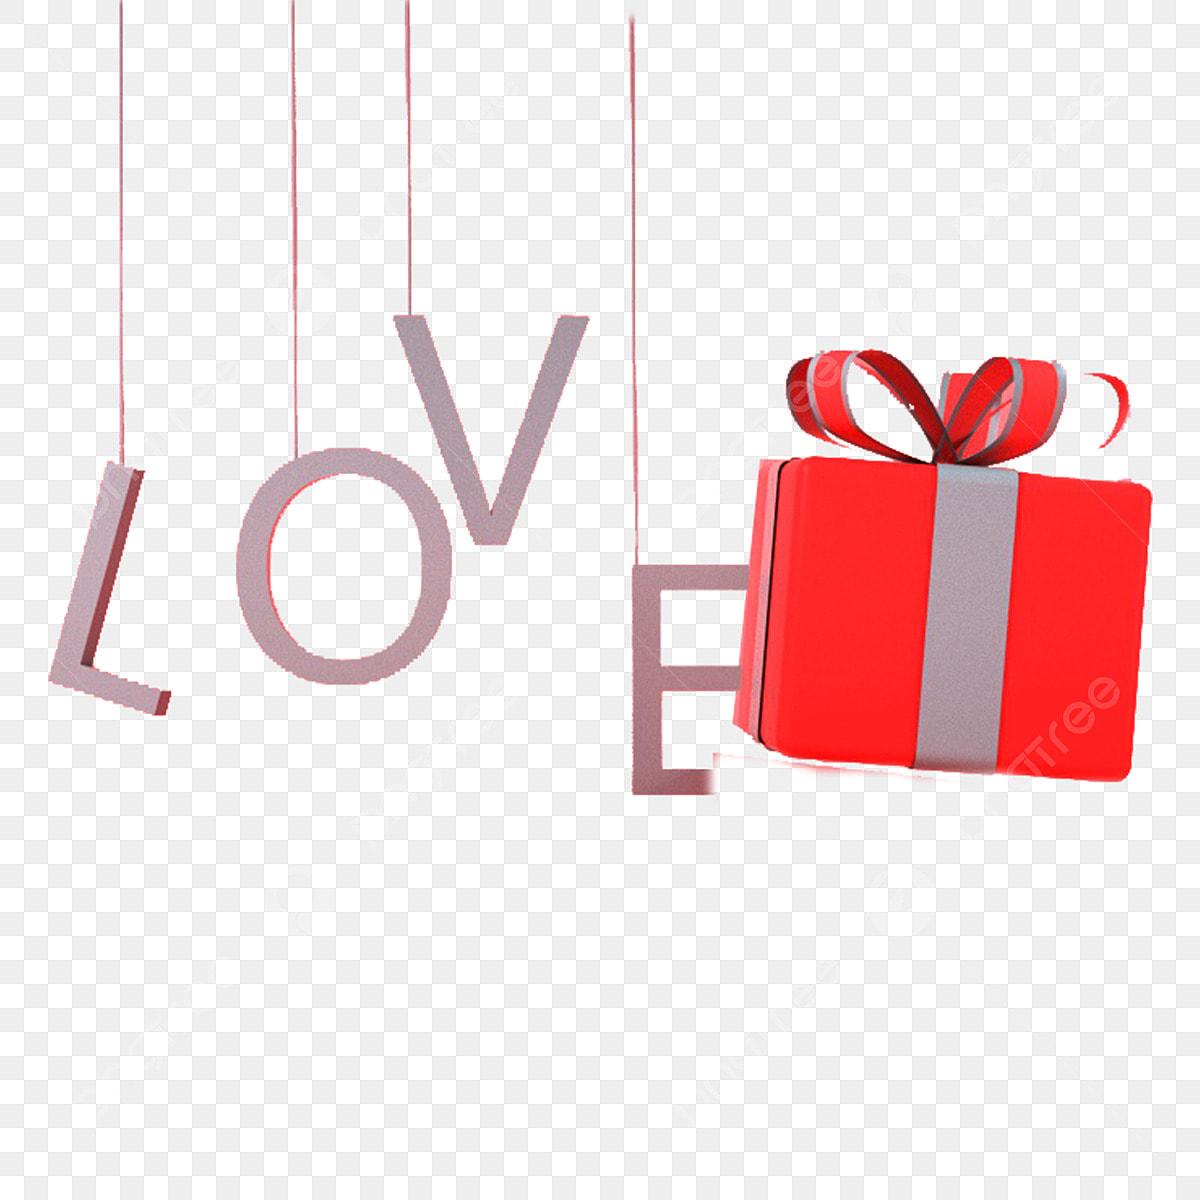 Decorazioni Lettere D Amore amore amore lettere d'amore simboli di lettere, decorazioni